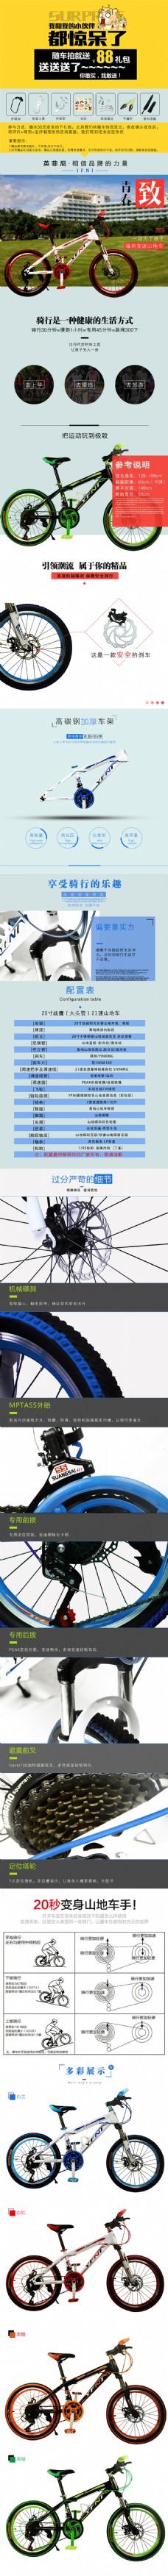 山地车自行车骑行运动时尚